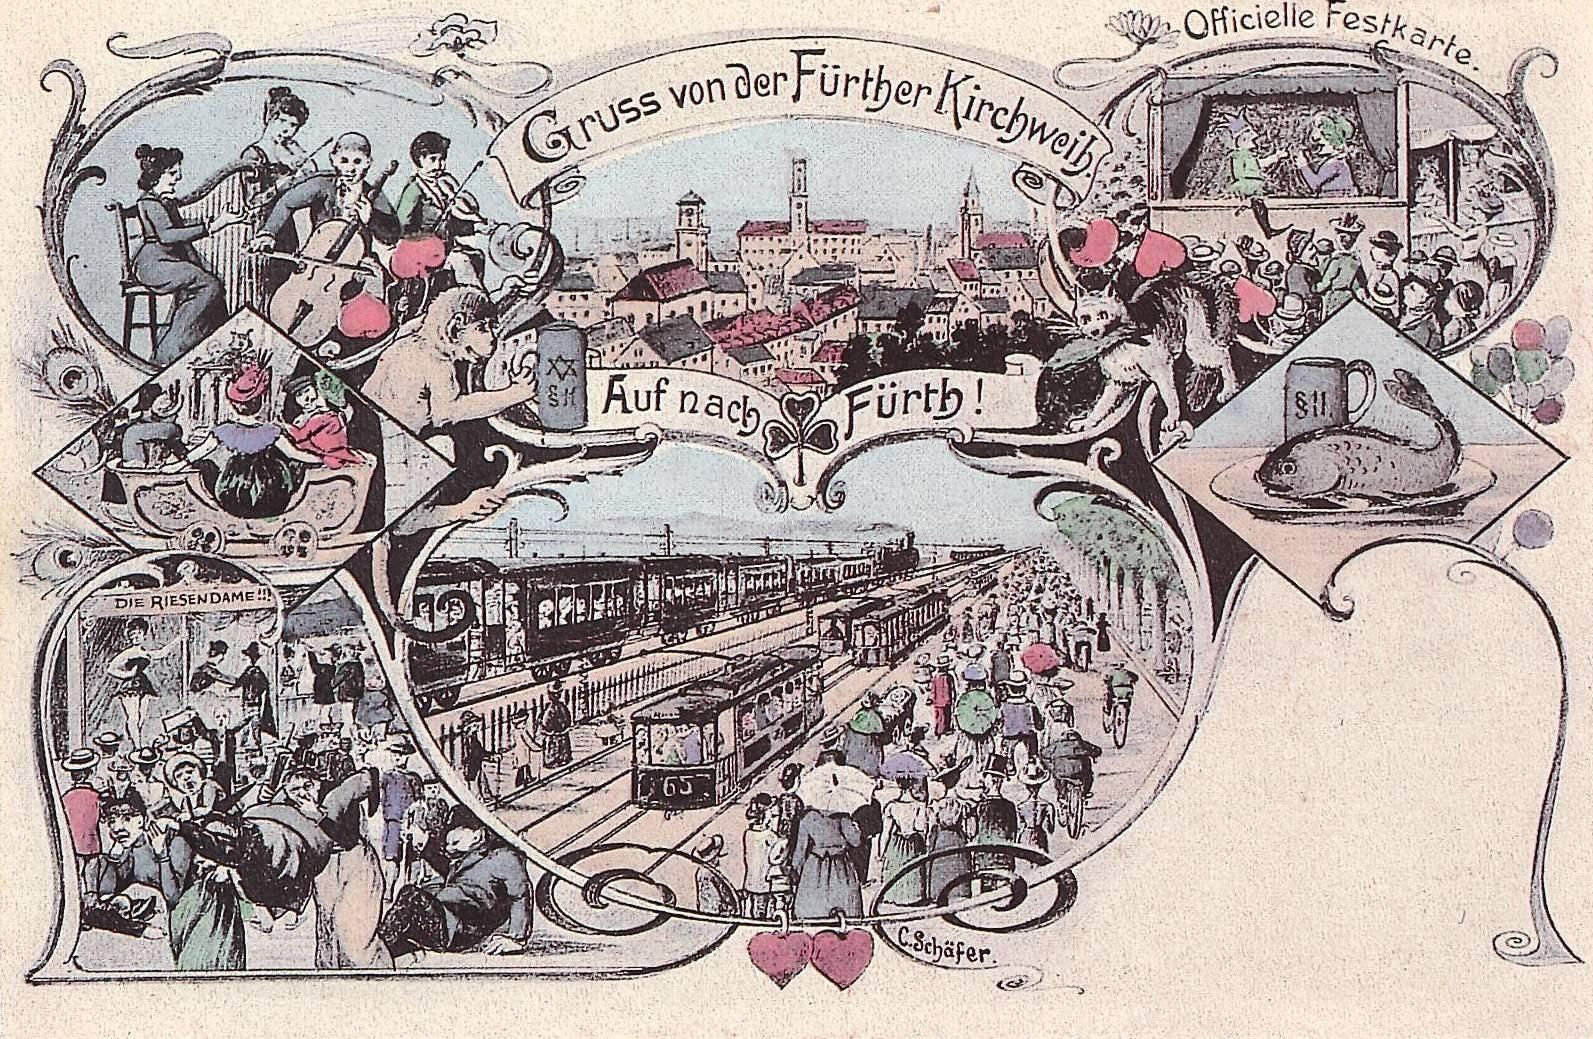 Bildquelle: Stadtarchiv Nürnberg